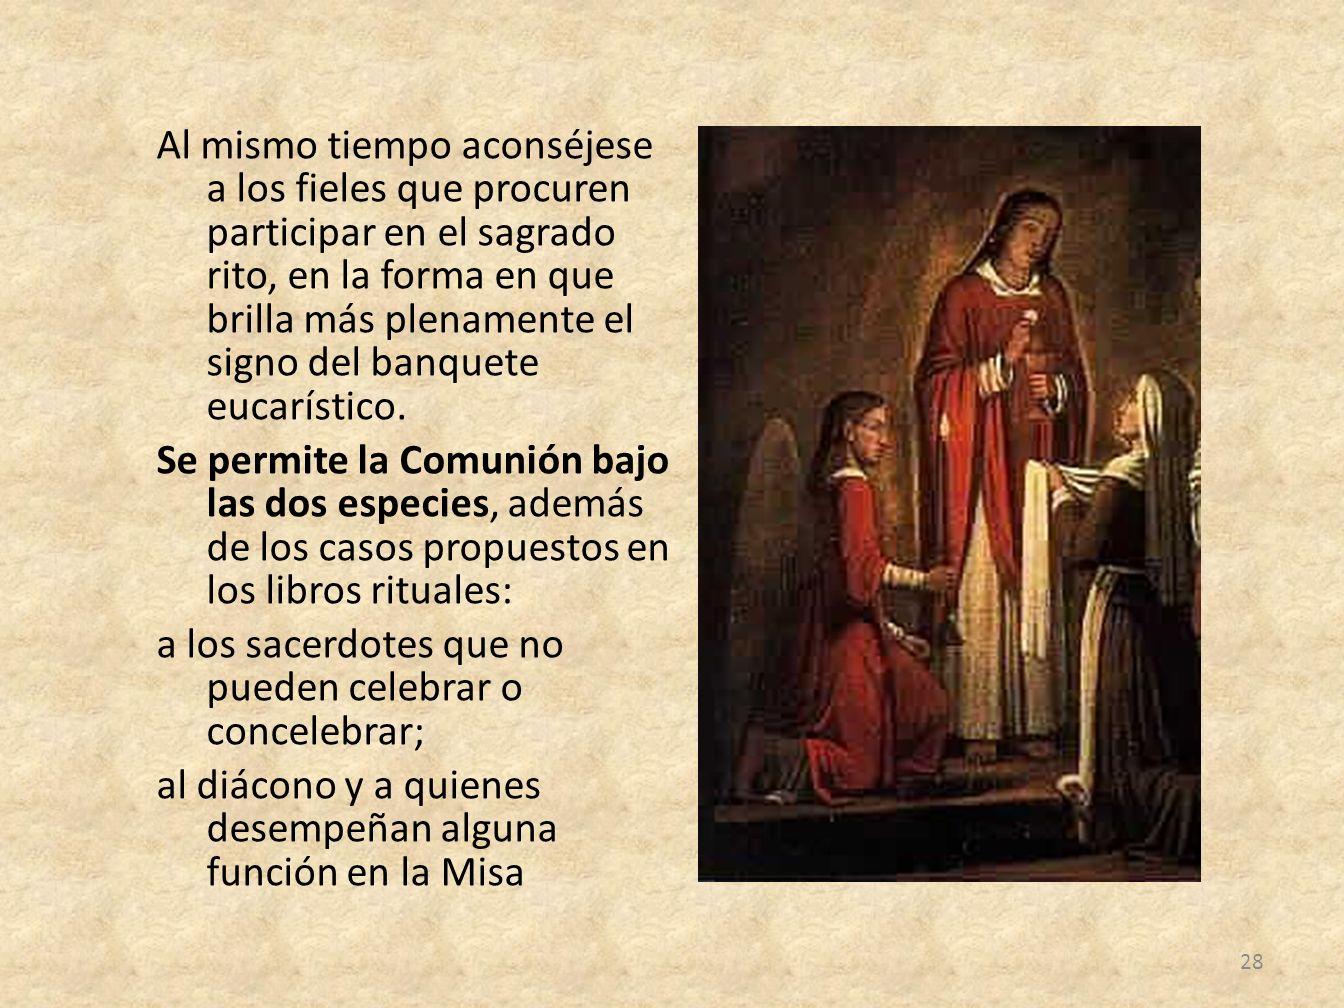 Al mismo tiempo aconséjese a los fieles que procuren participar en el sagrado rito, en la forma en que brilla más plenamente el signo del banquete euc